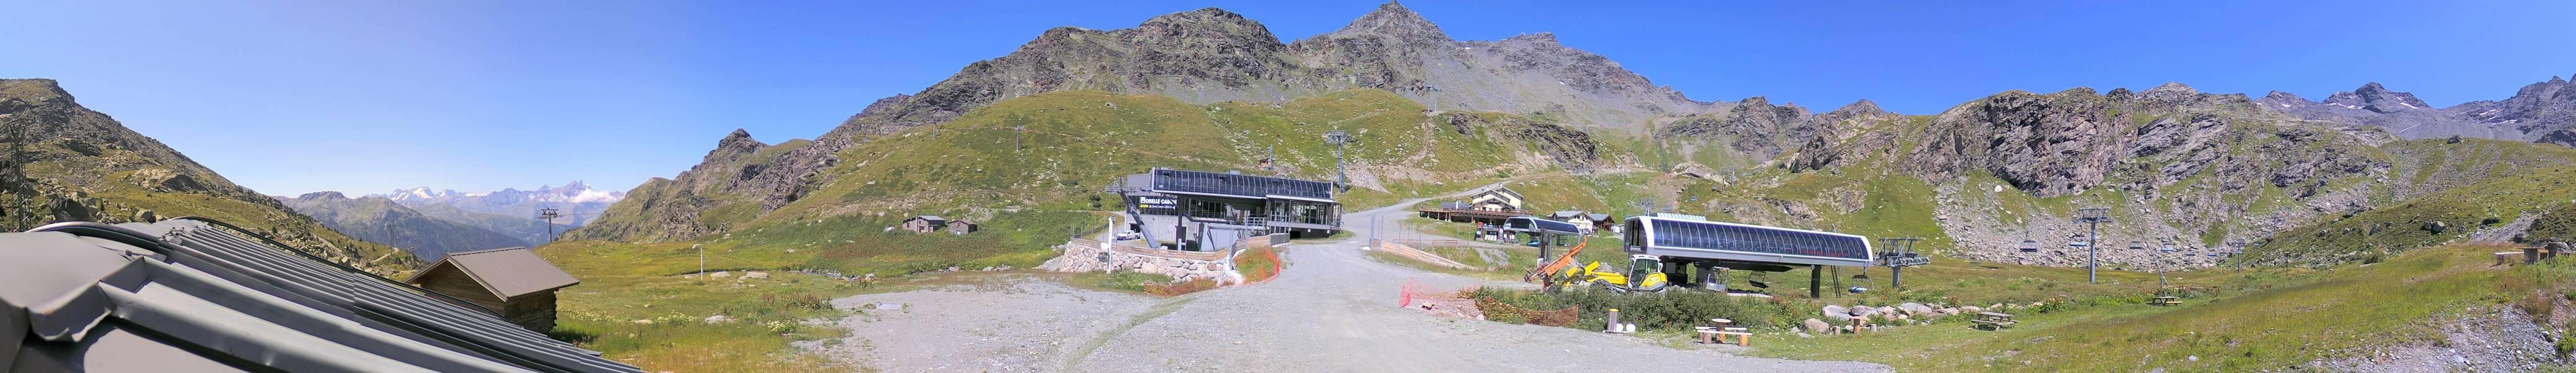 Arrivée de la télécabine - 2375 m